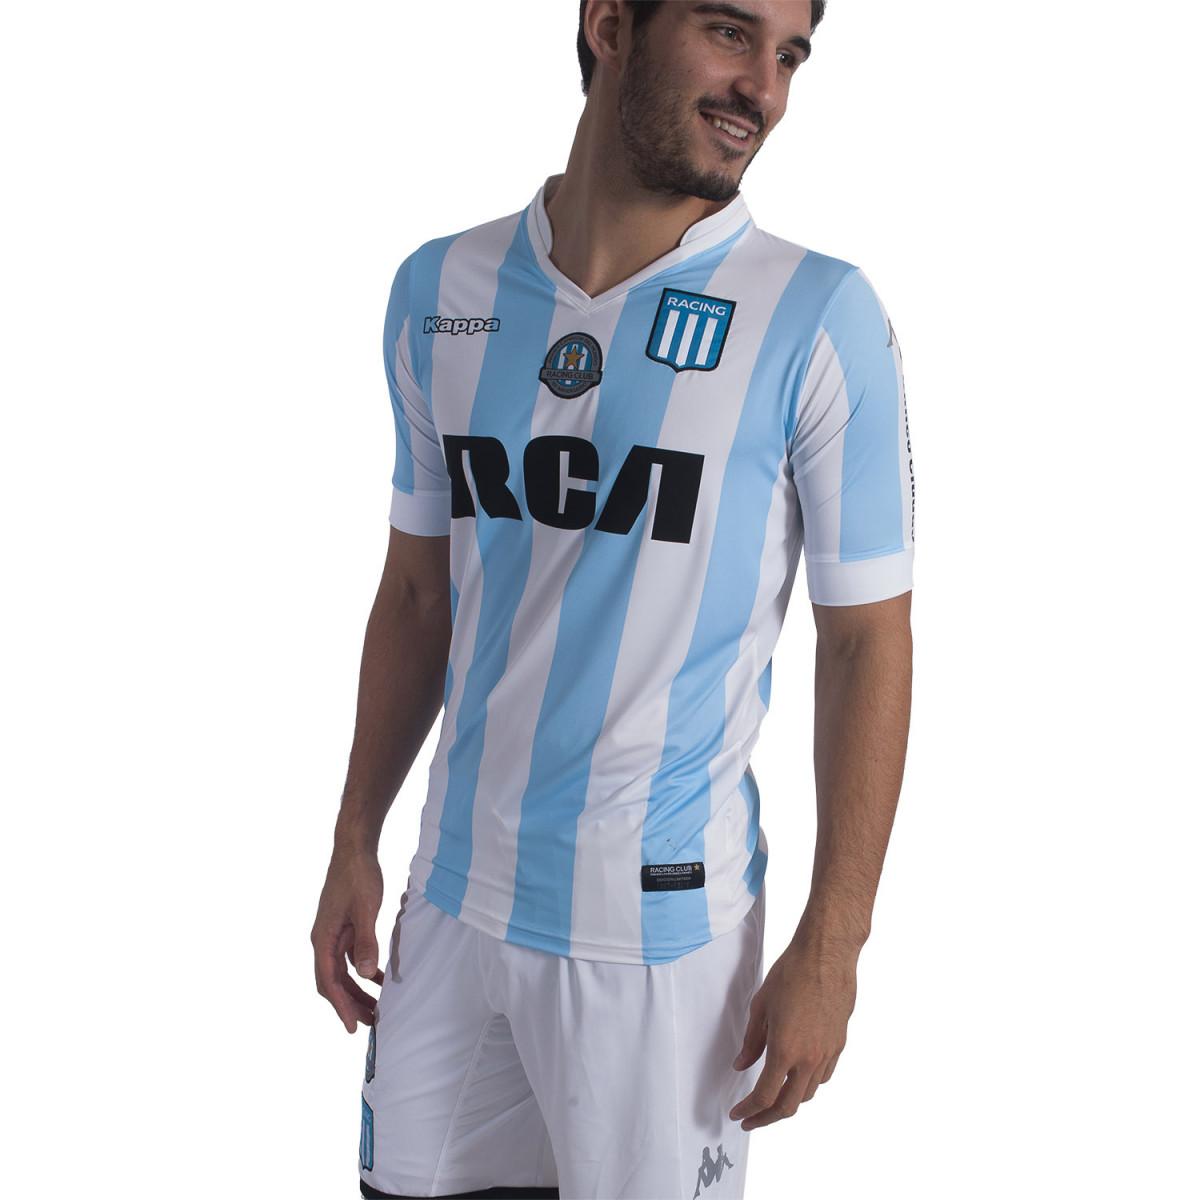 a7e72ca108fe2 Camiseta Kappa Aniversario Racing Club